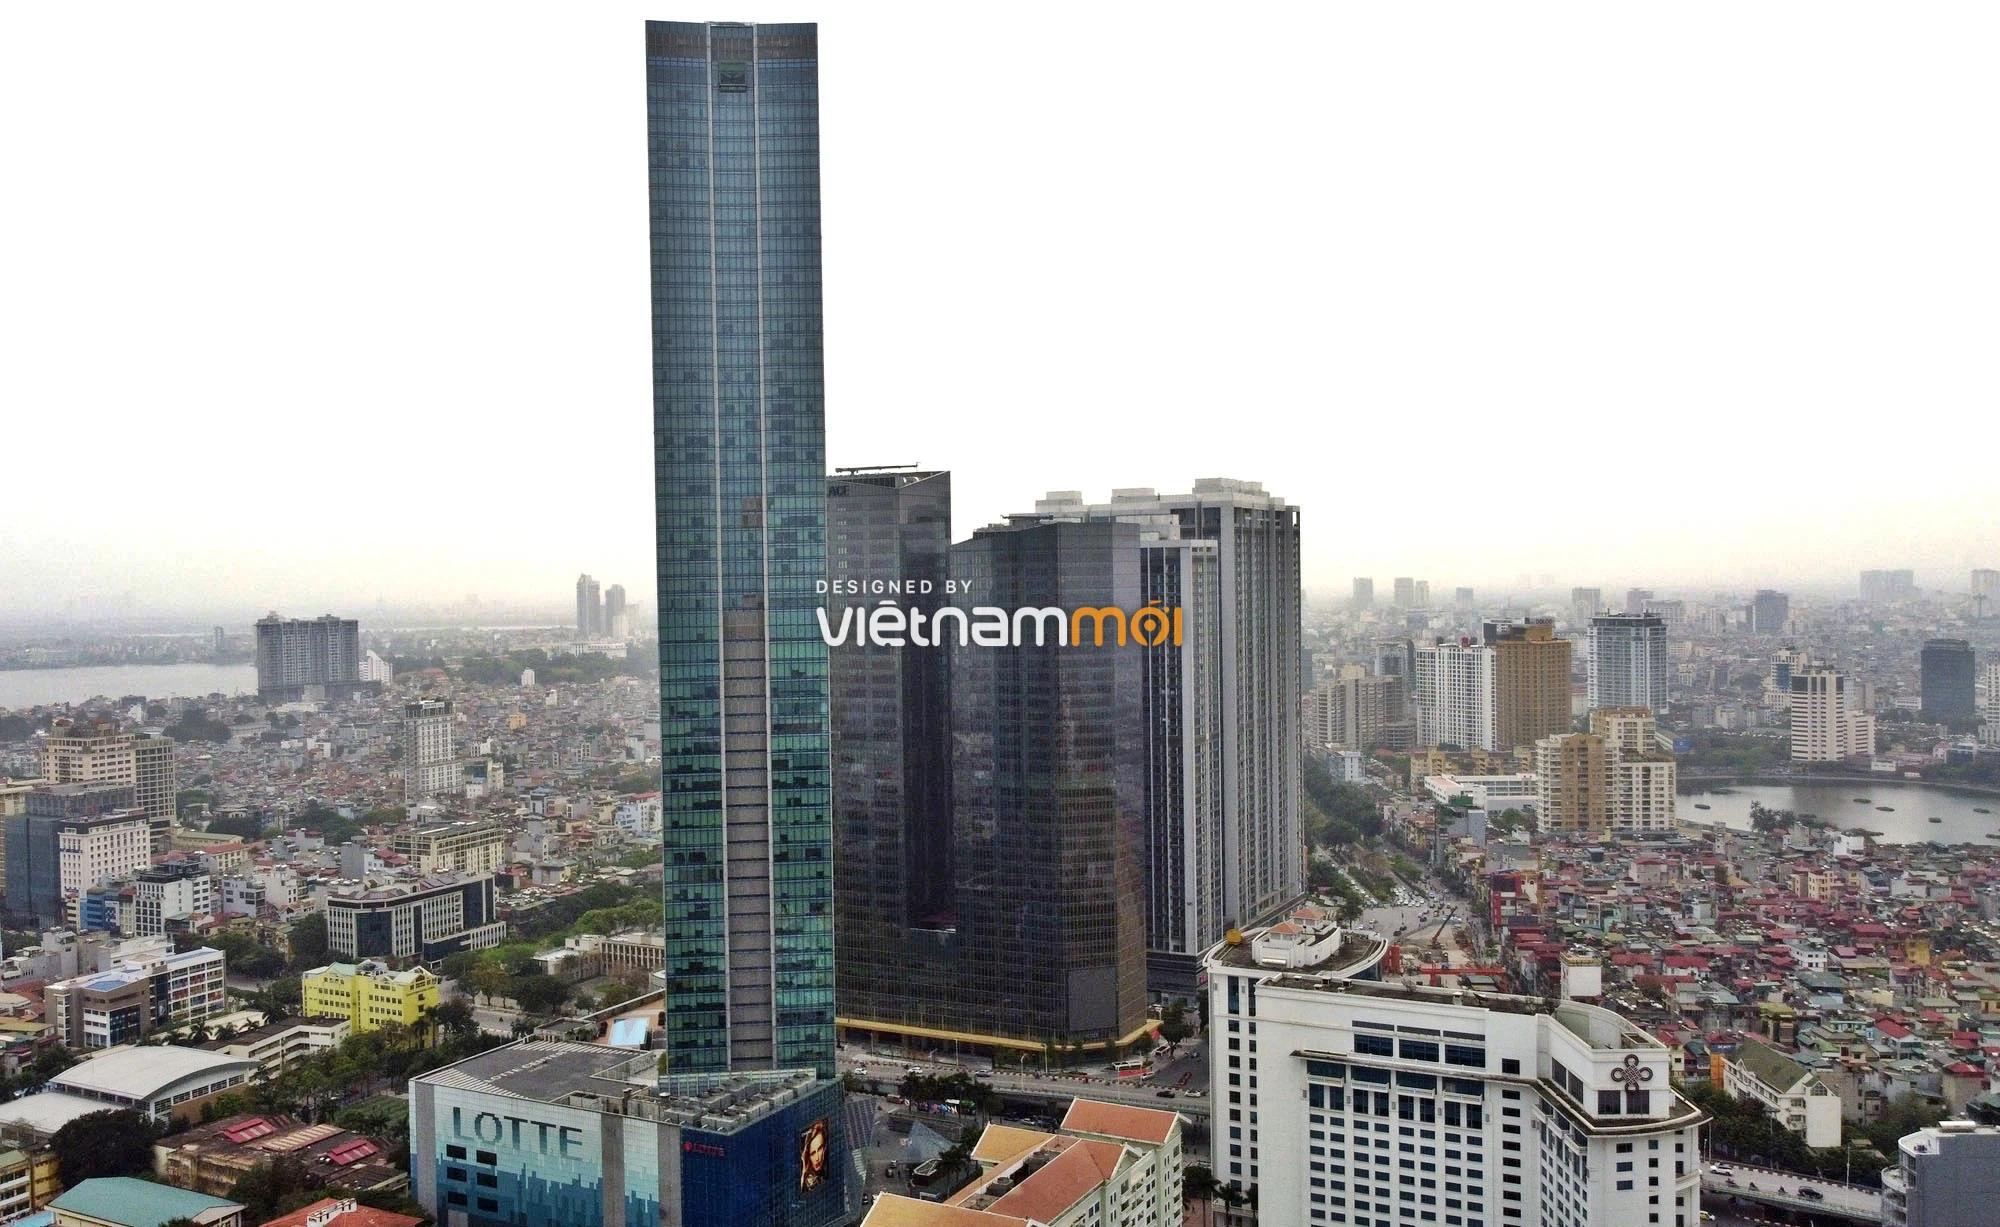 Cận cảnh tòa nhà duy nhất được xây trên 50 tầng ở vùng nội đô lịch sử - Ảnh 6.